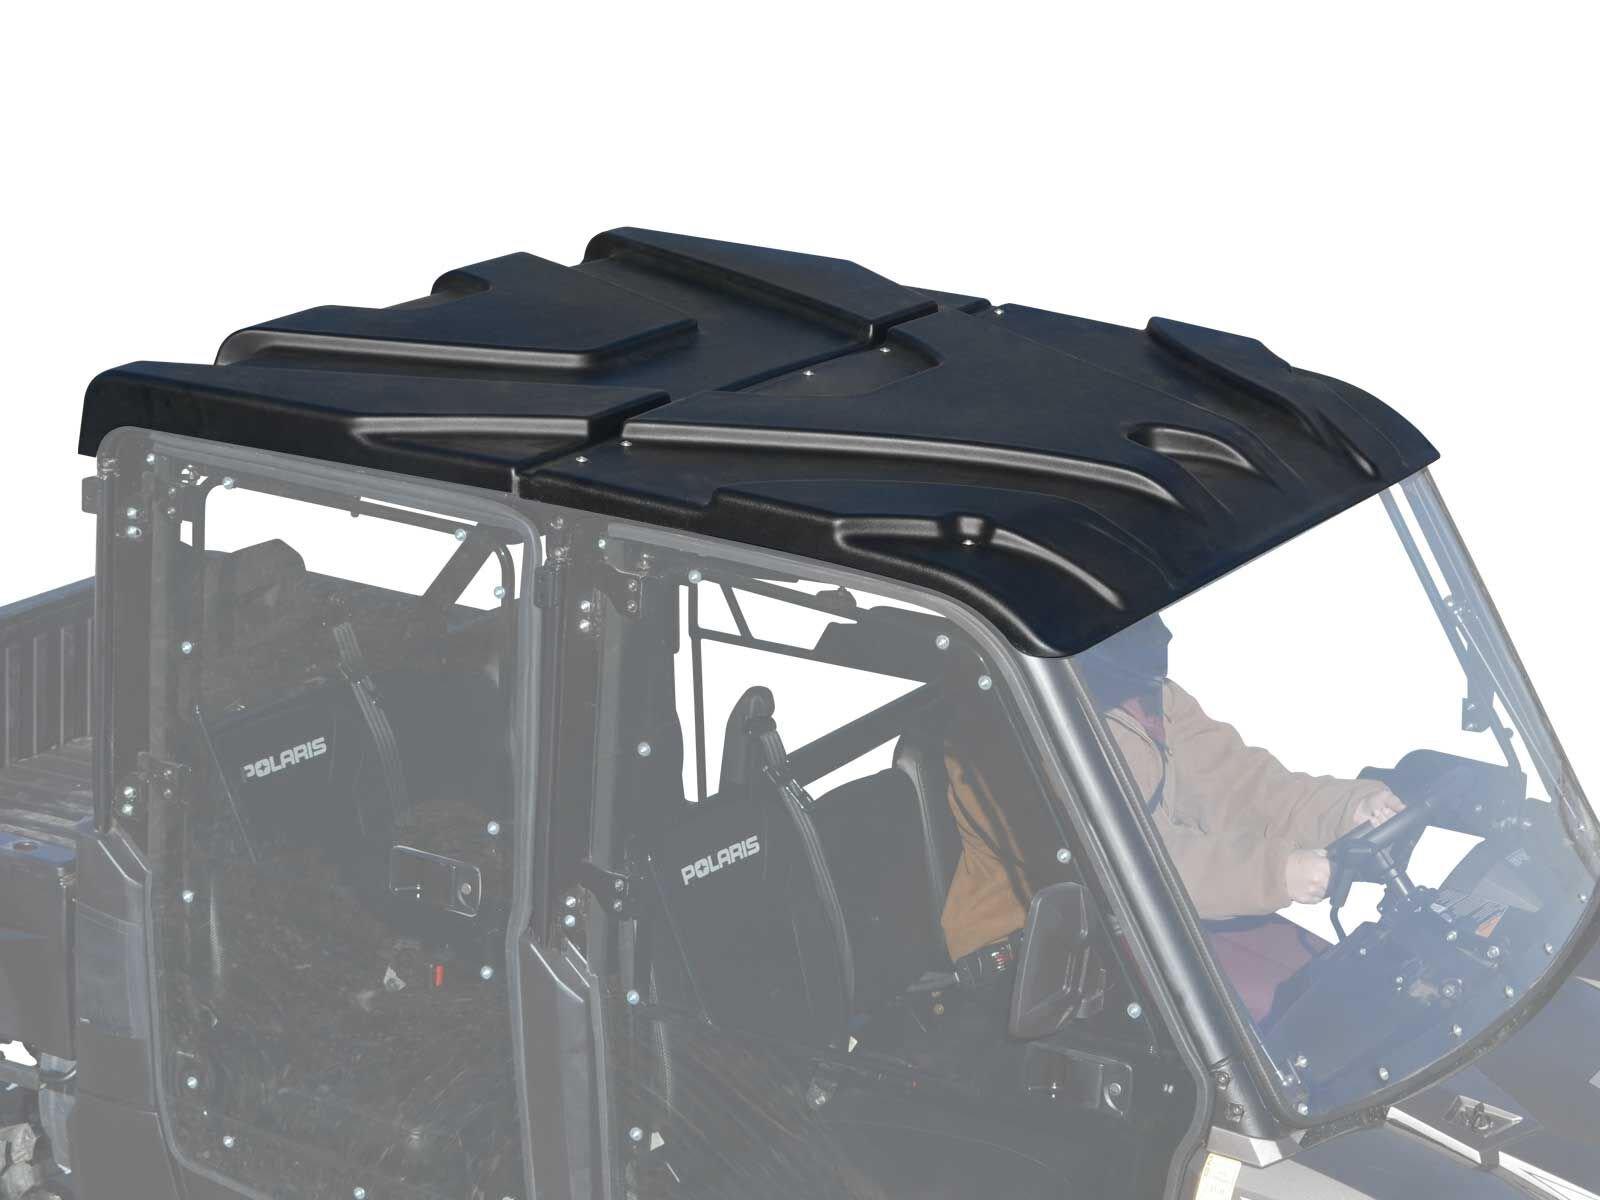 SuperATV Plastic Roof for Polaris Ranger Full Size XP 570 Crew / 900 Crew / 1000 Crew / 1000 Diesel Crew (SEE FITMENT)